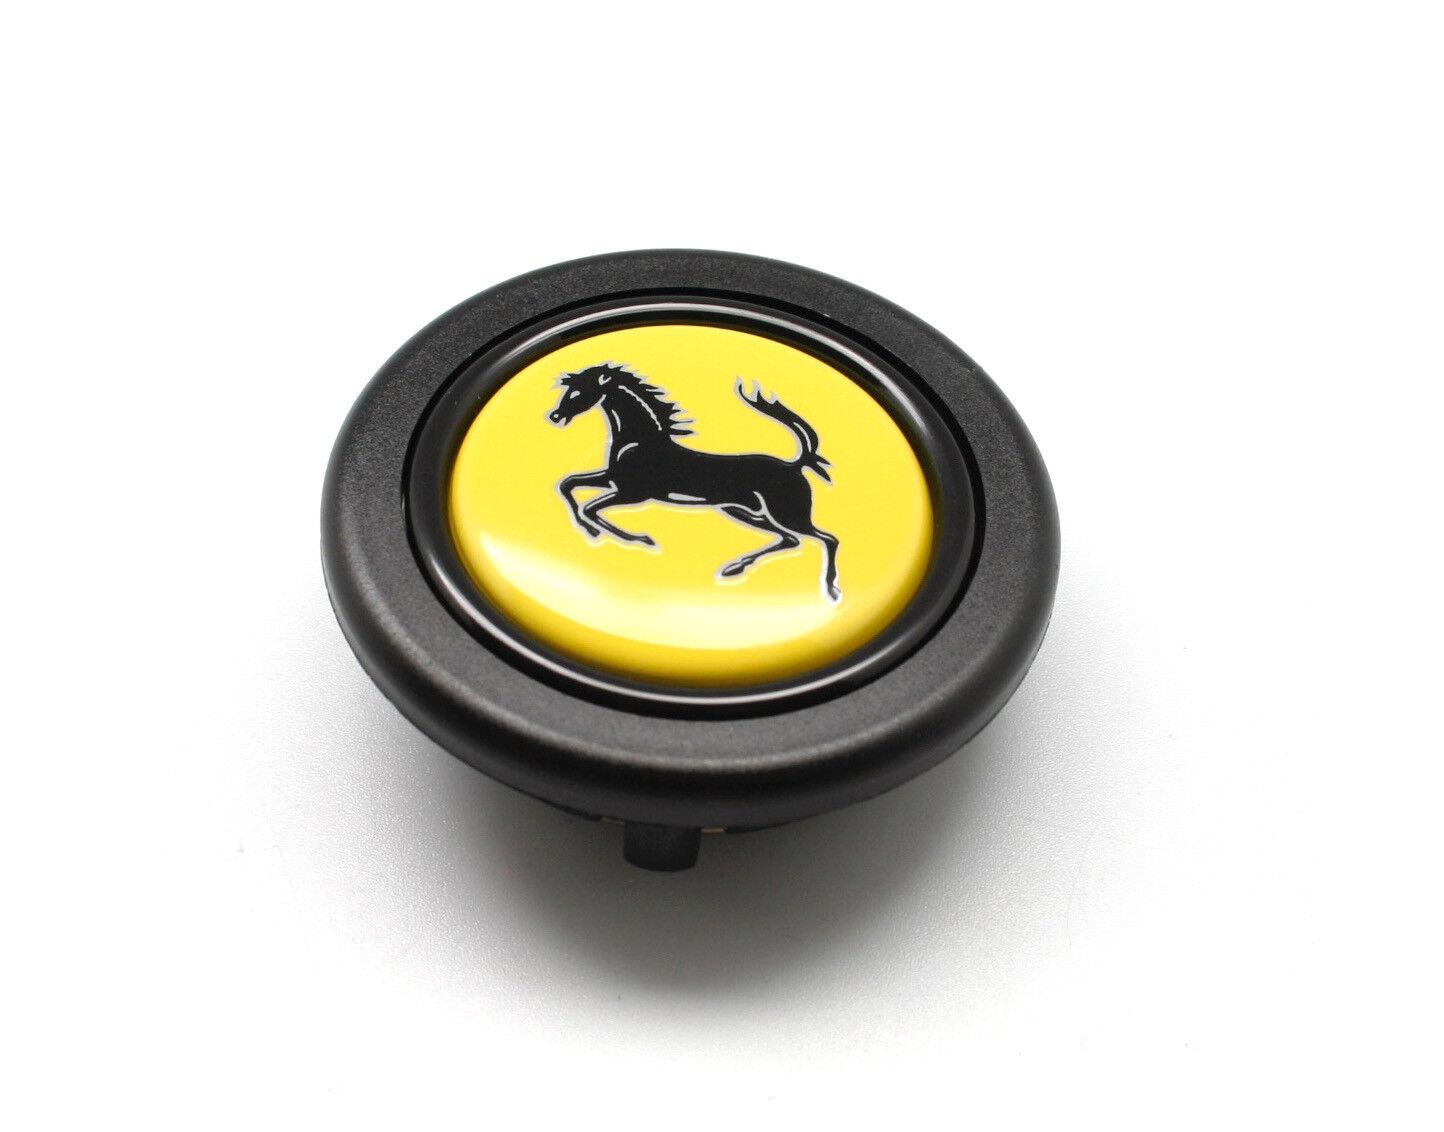 Elettro Steering Wheel Horn Button For Momo Omp With Ferrari Crest 58mm Ebay